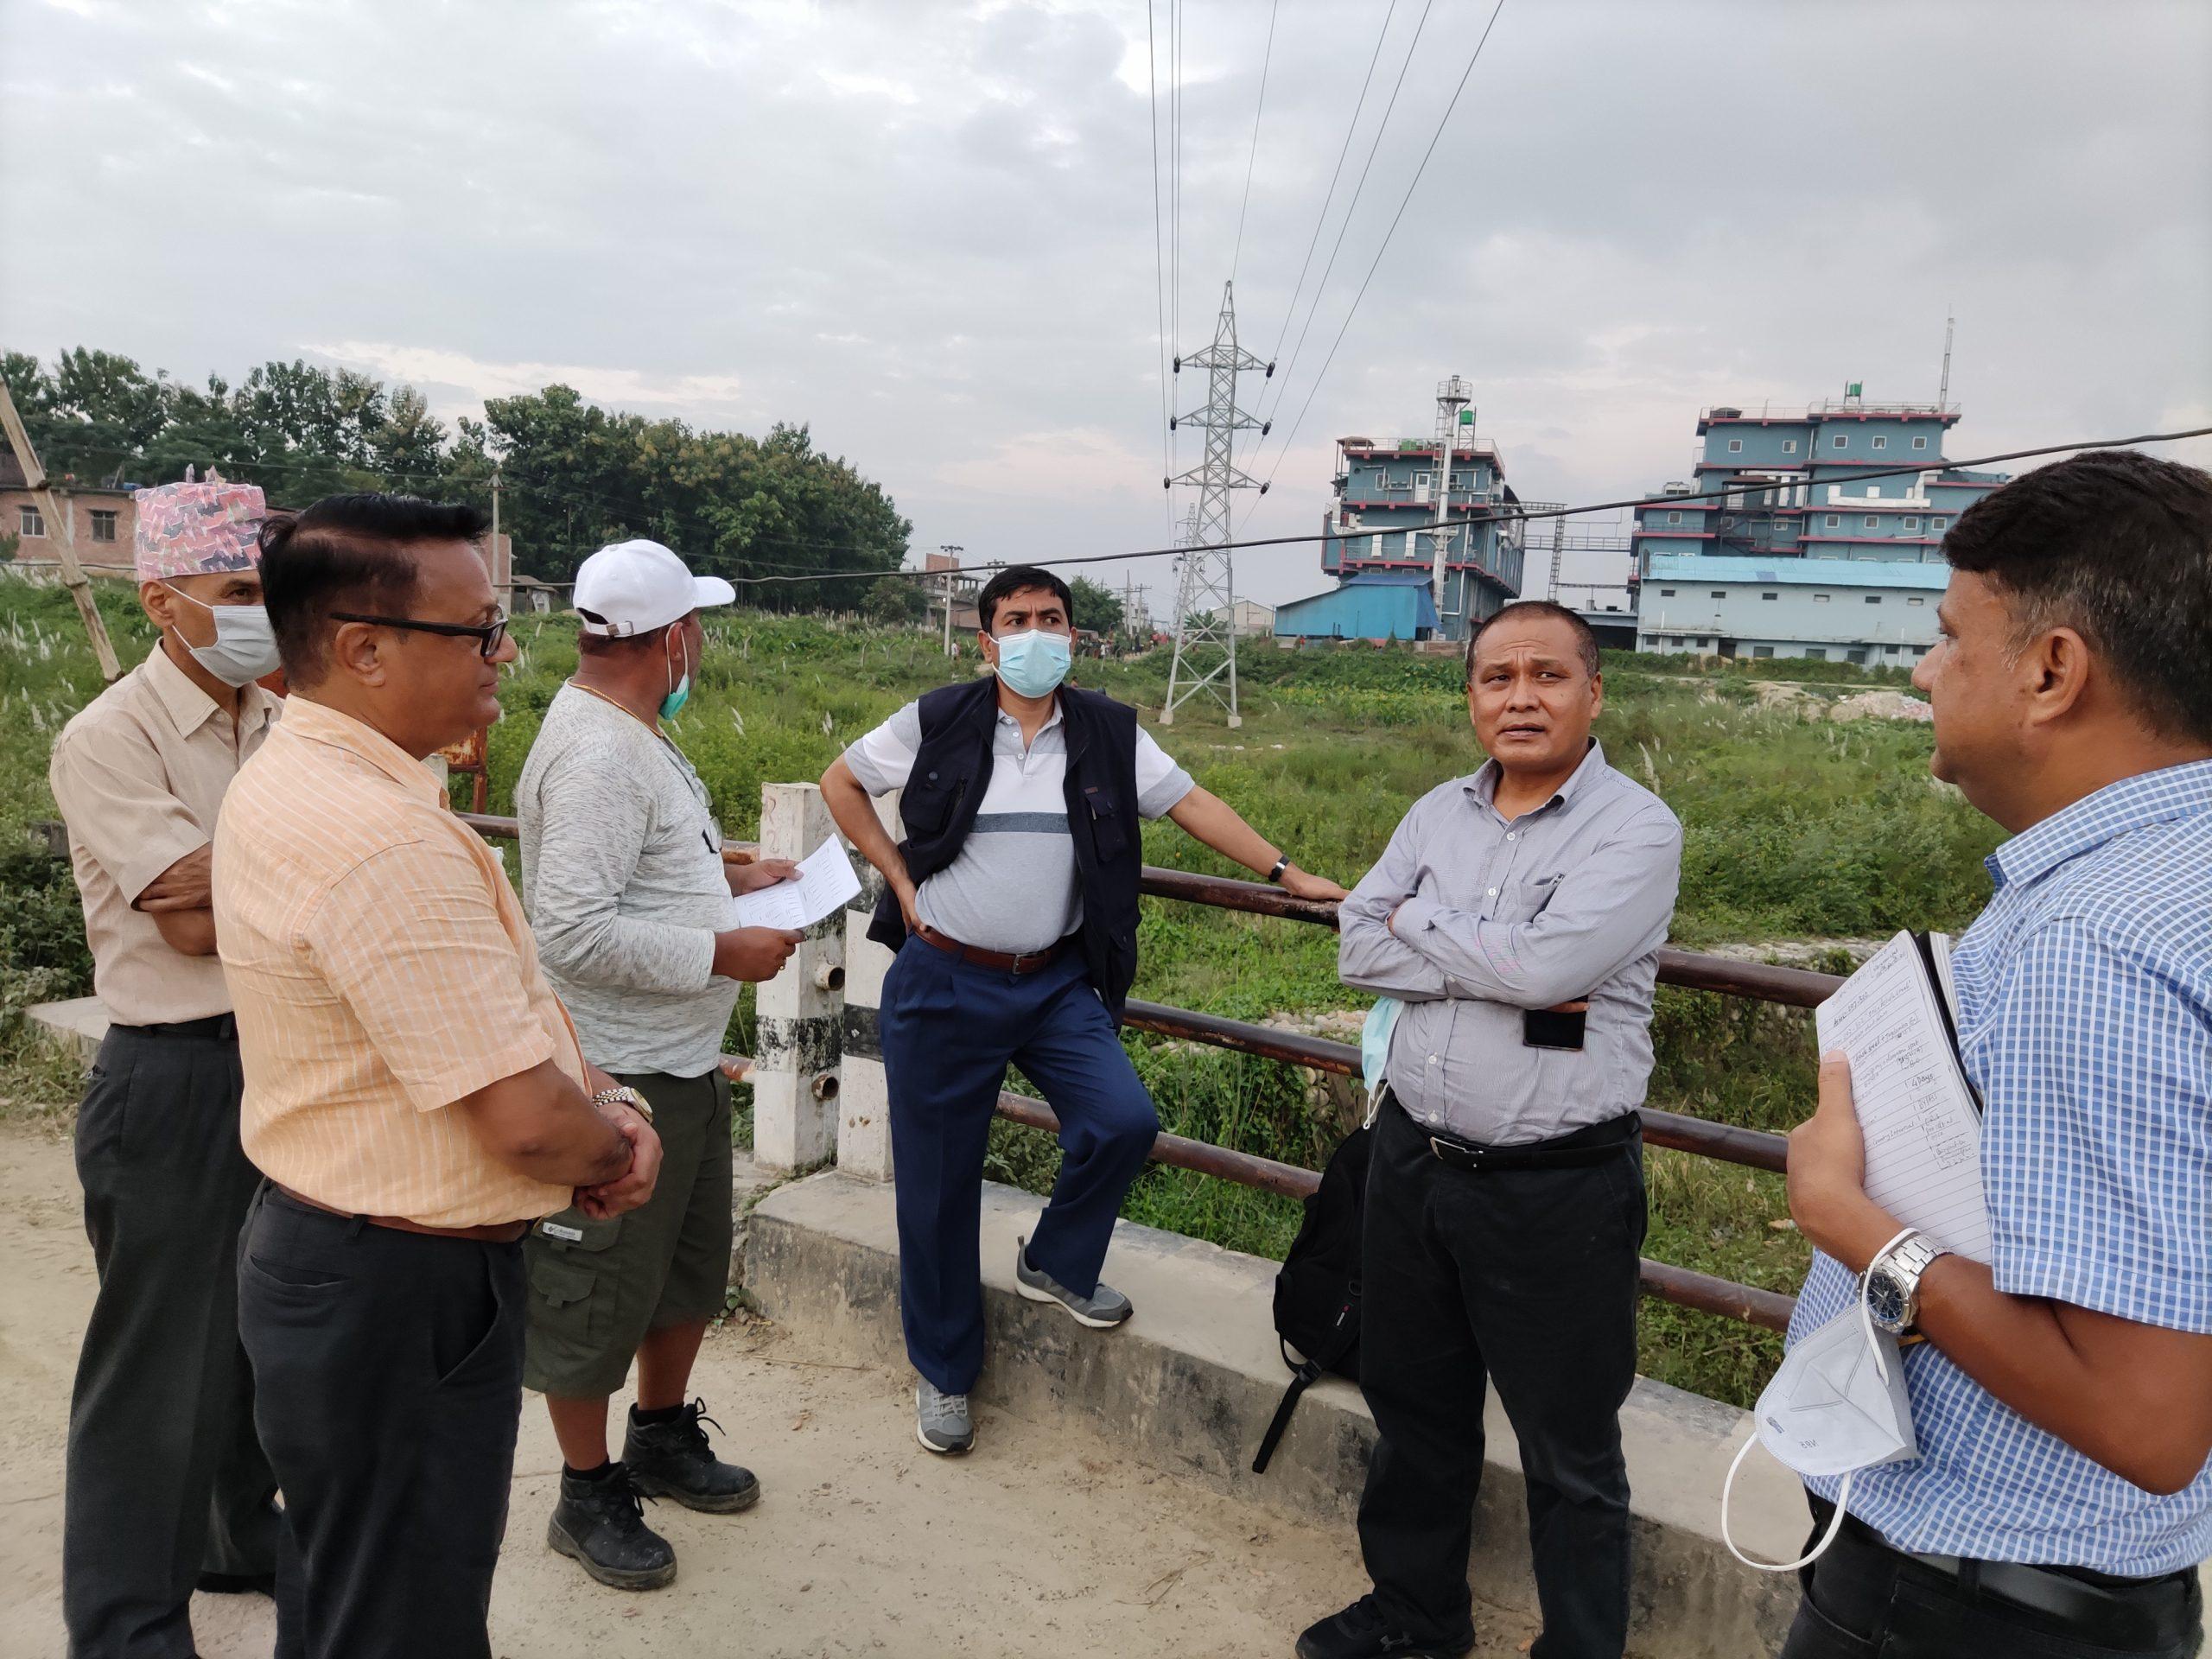 हेटौँडा–ढल्केबर–इनरुवा ४०० केभी प्रसारण लाइन निर्माणमा अवरोधैै अवरोध